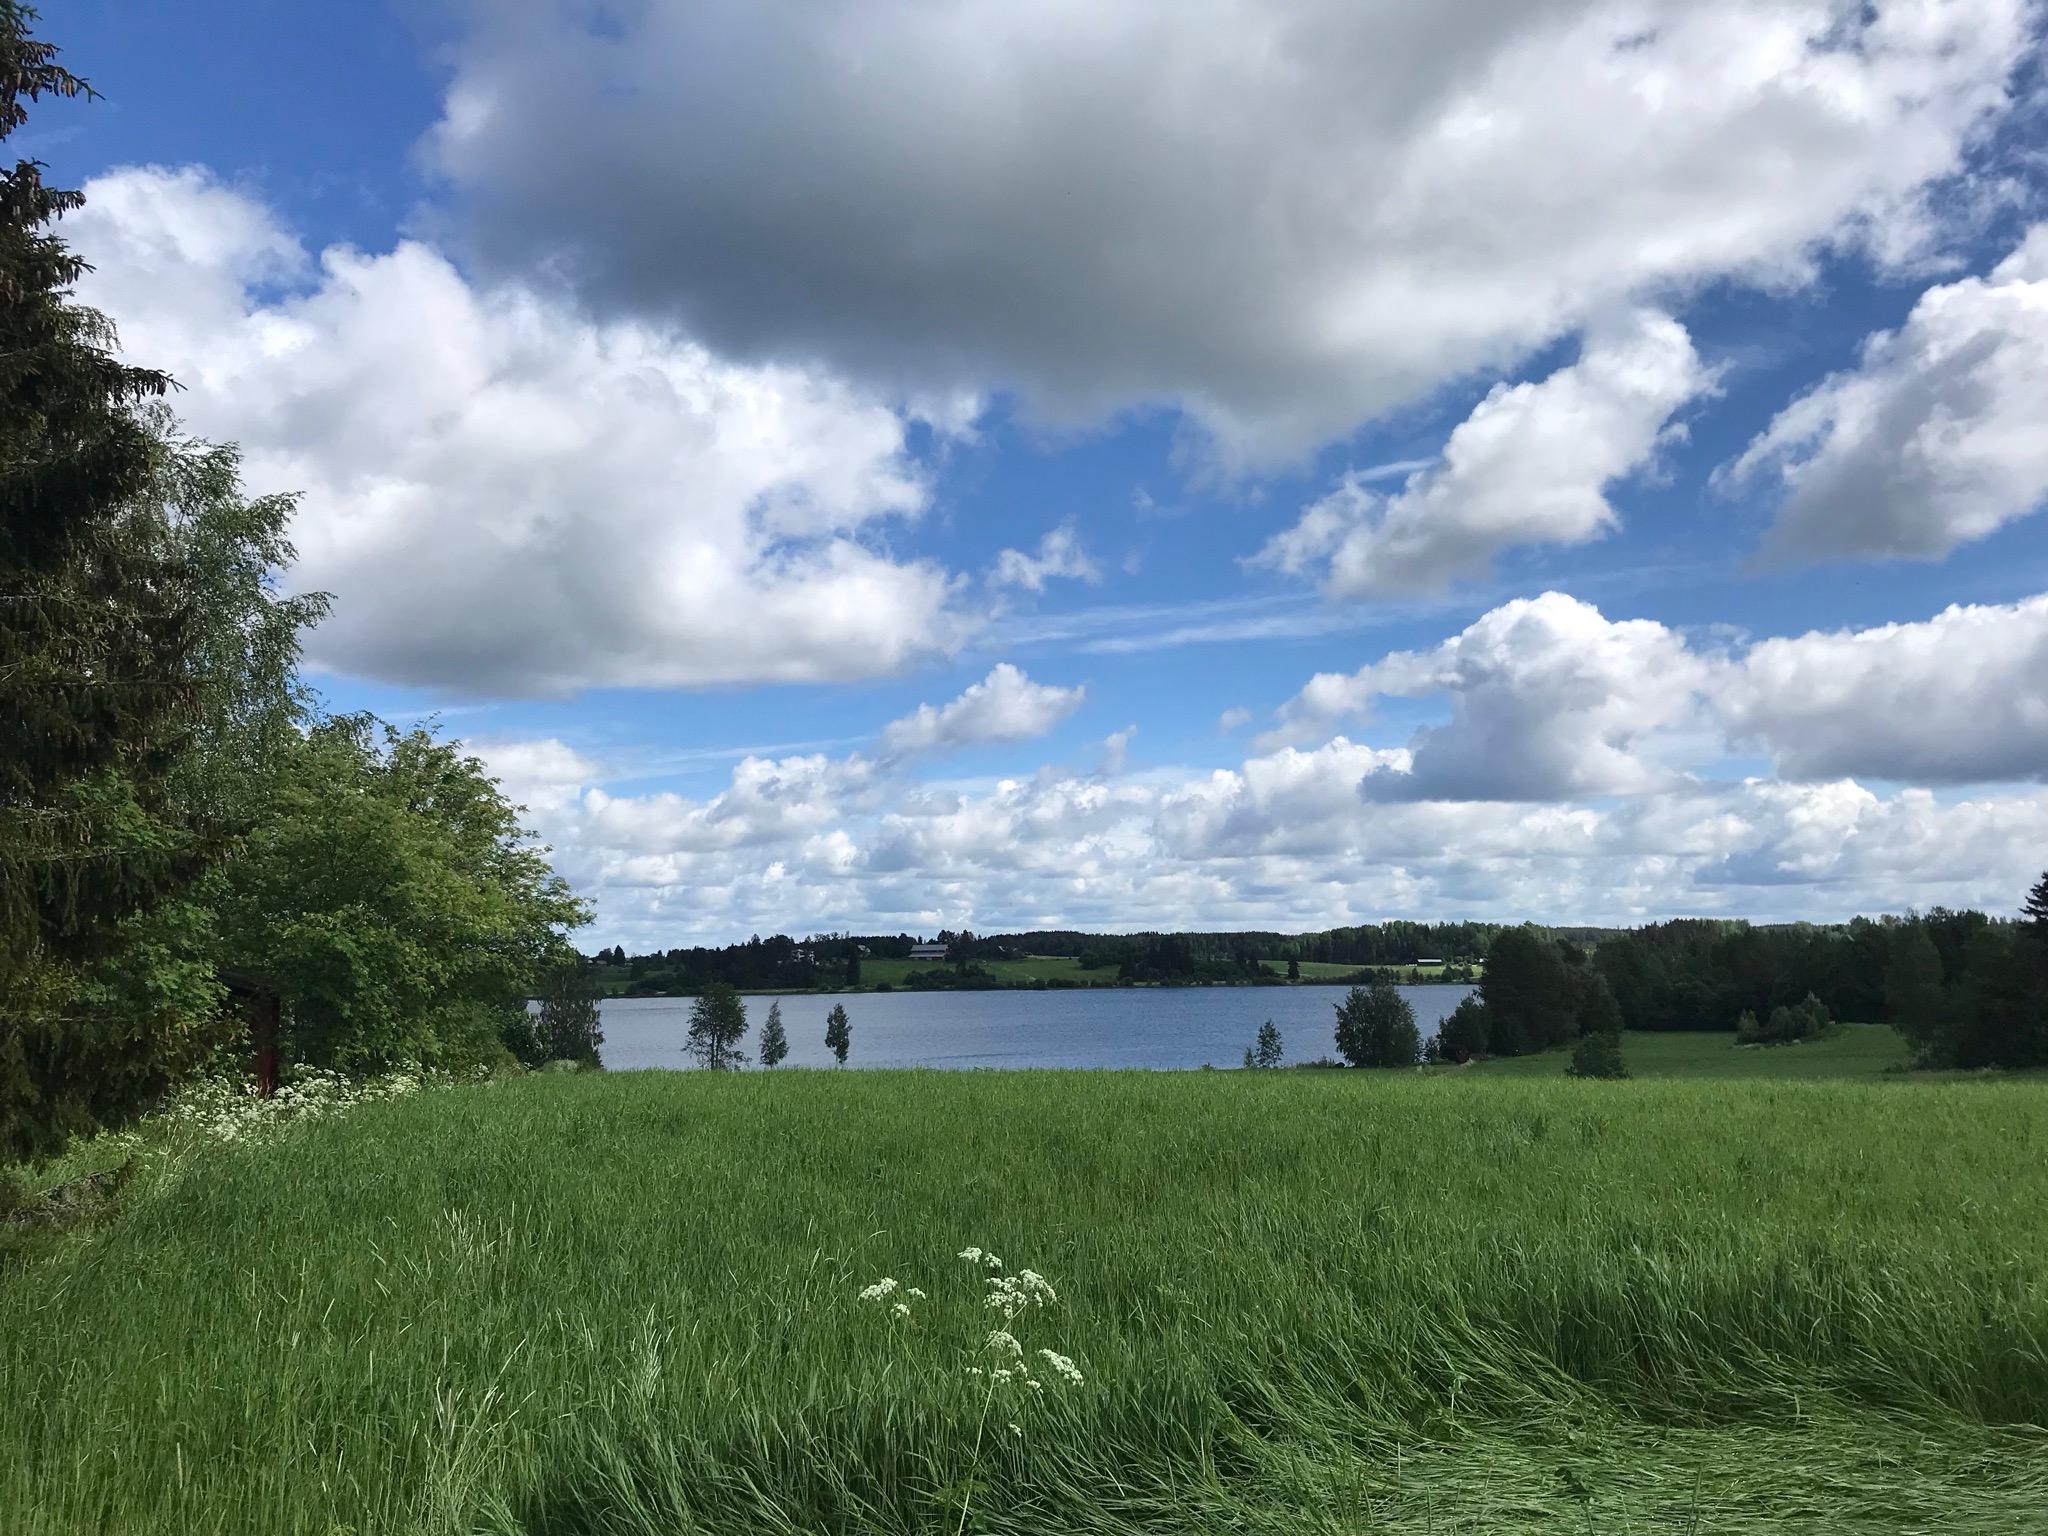 Pirkan Pyöräily klassikko 134 km maastopyörällä Kyrösjärven ympäri eli #munpyöräily